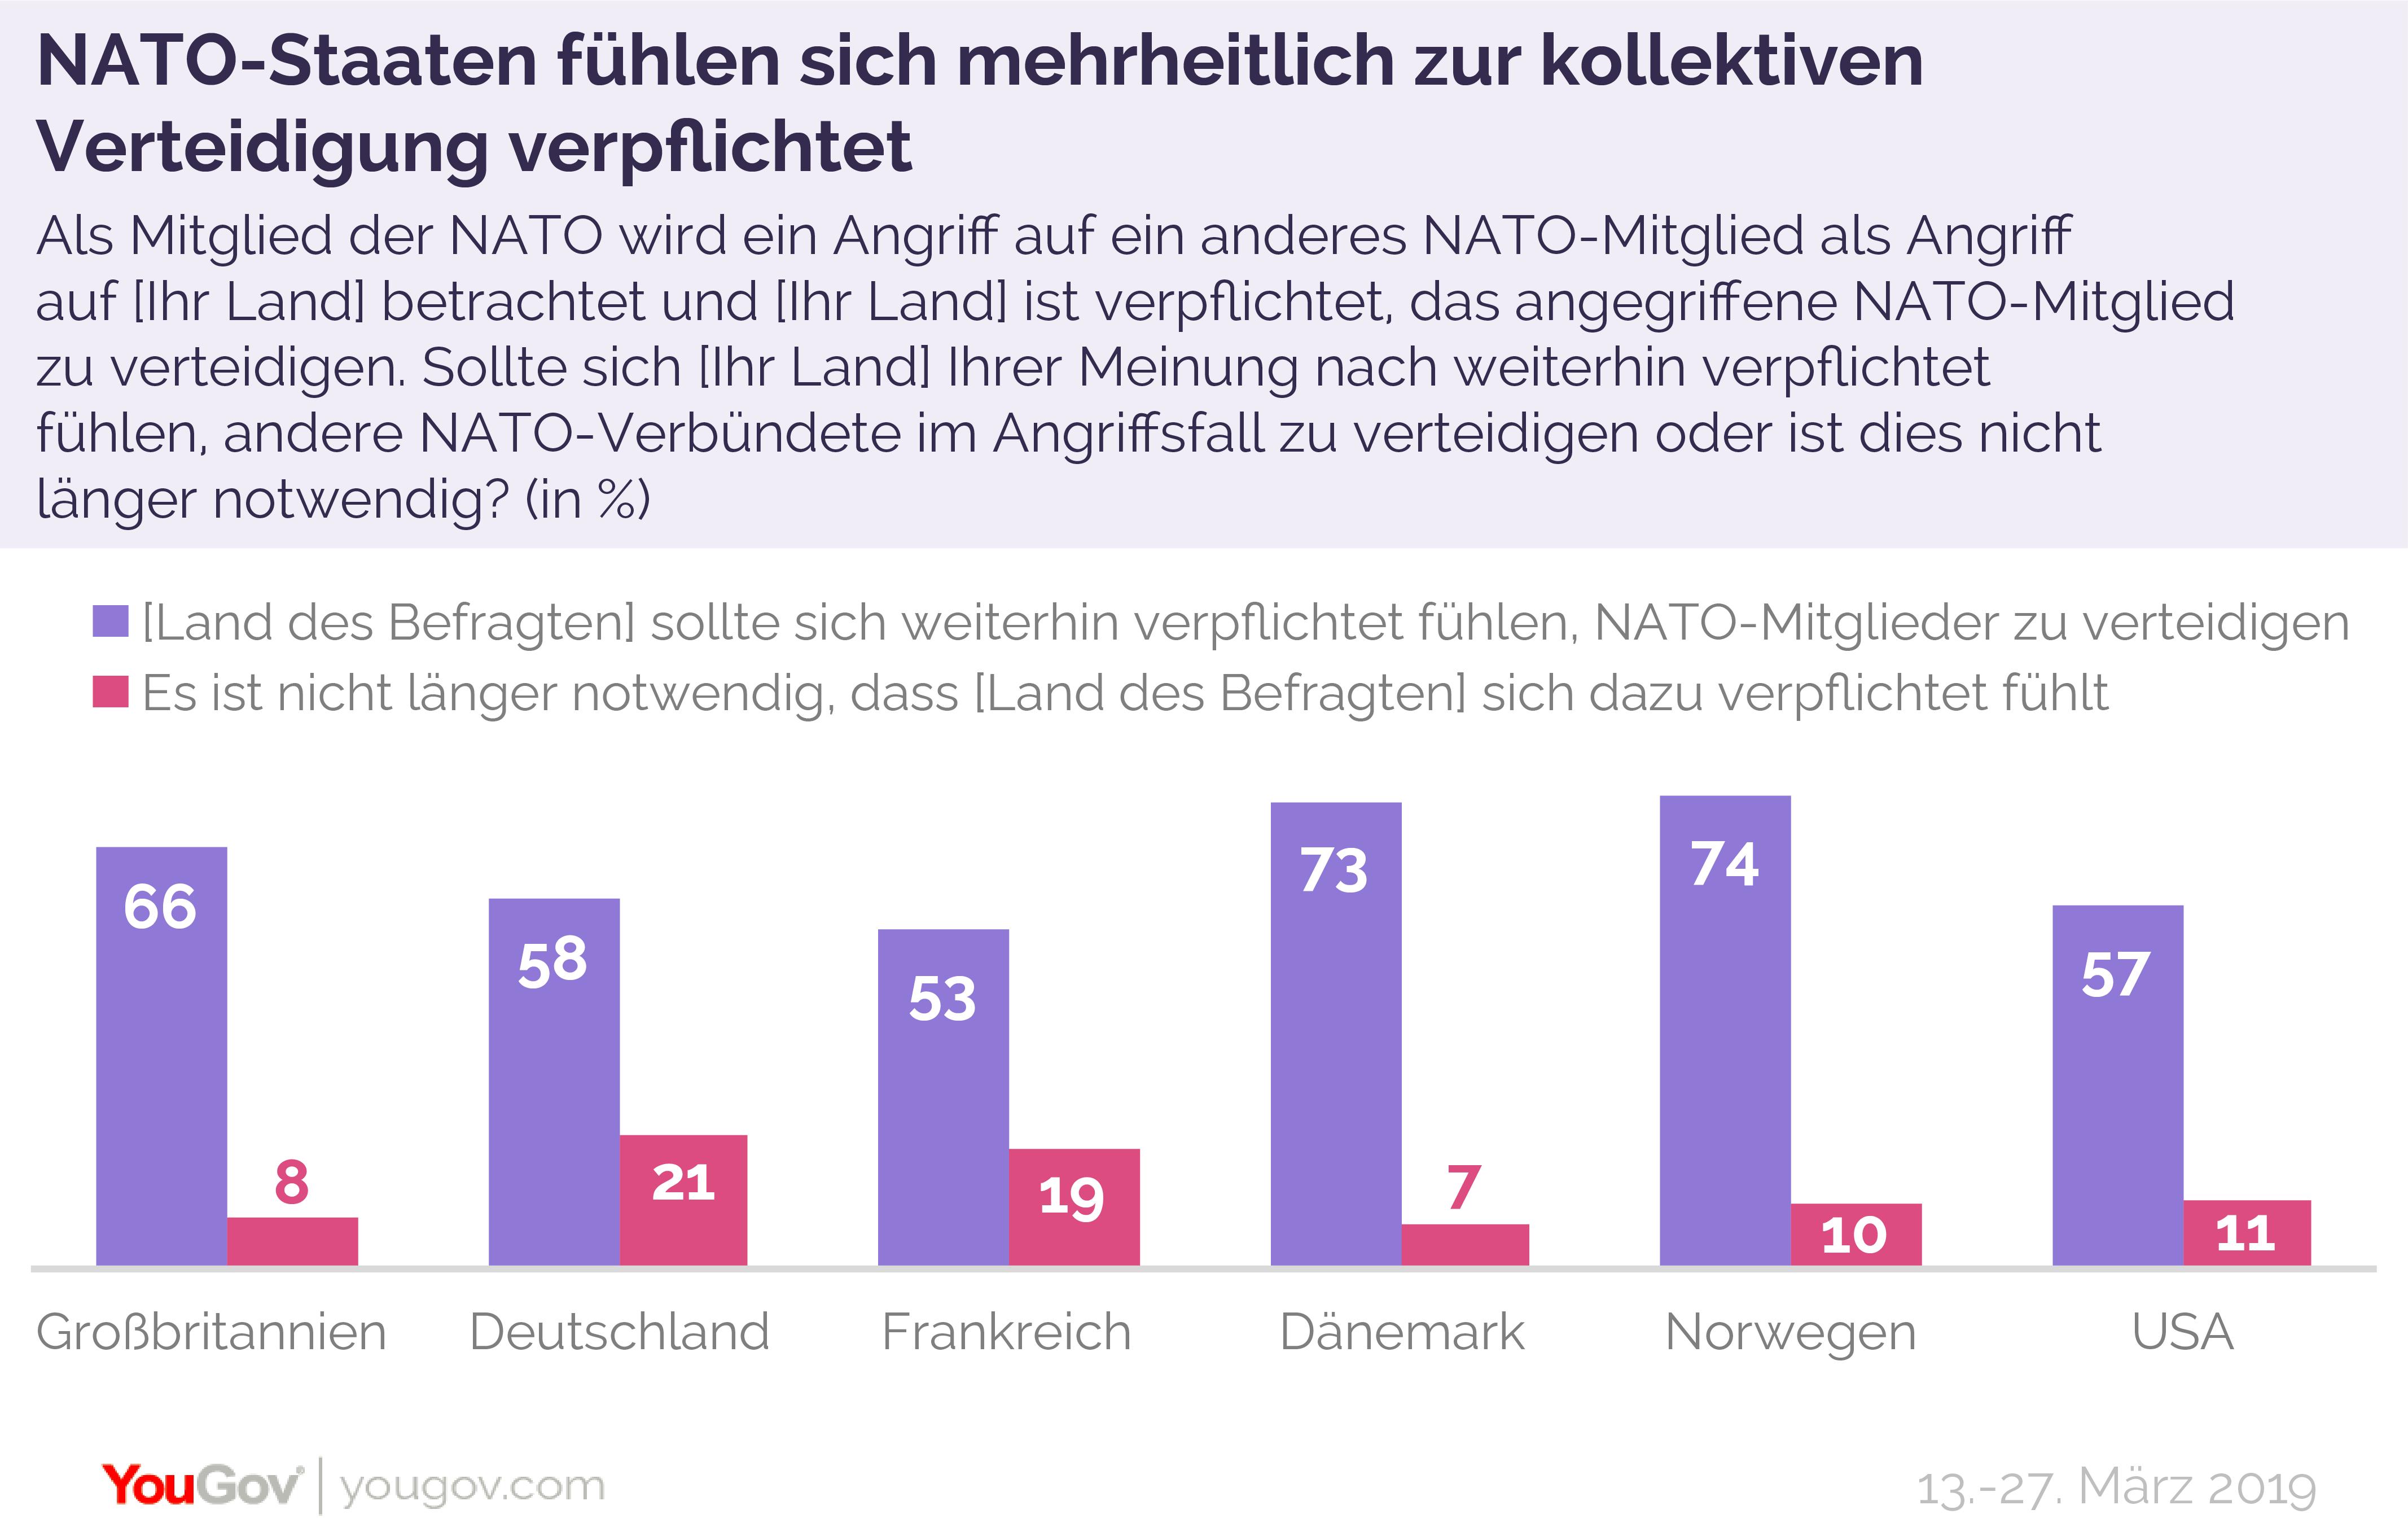 NATO-Staaten fühlen sich mehrheitlich zur Bündnishilfe verpflichtet